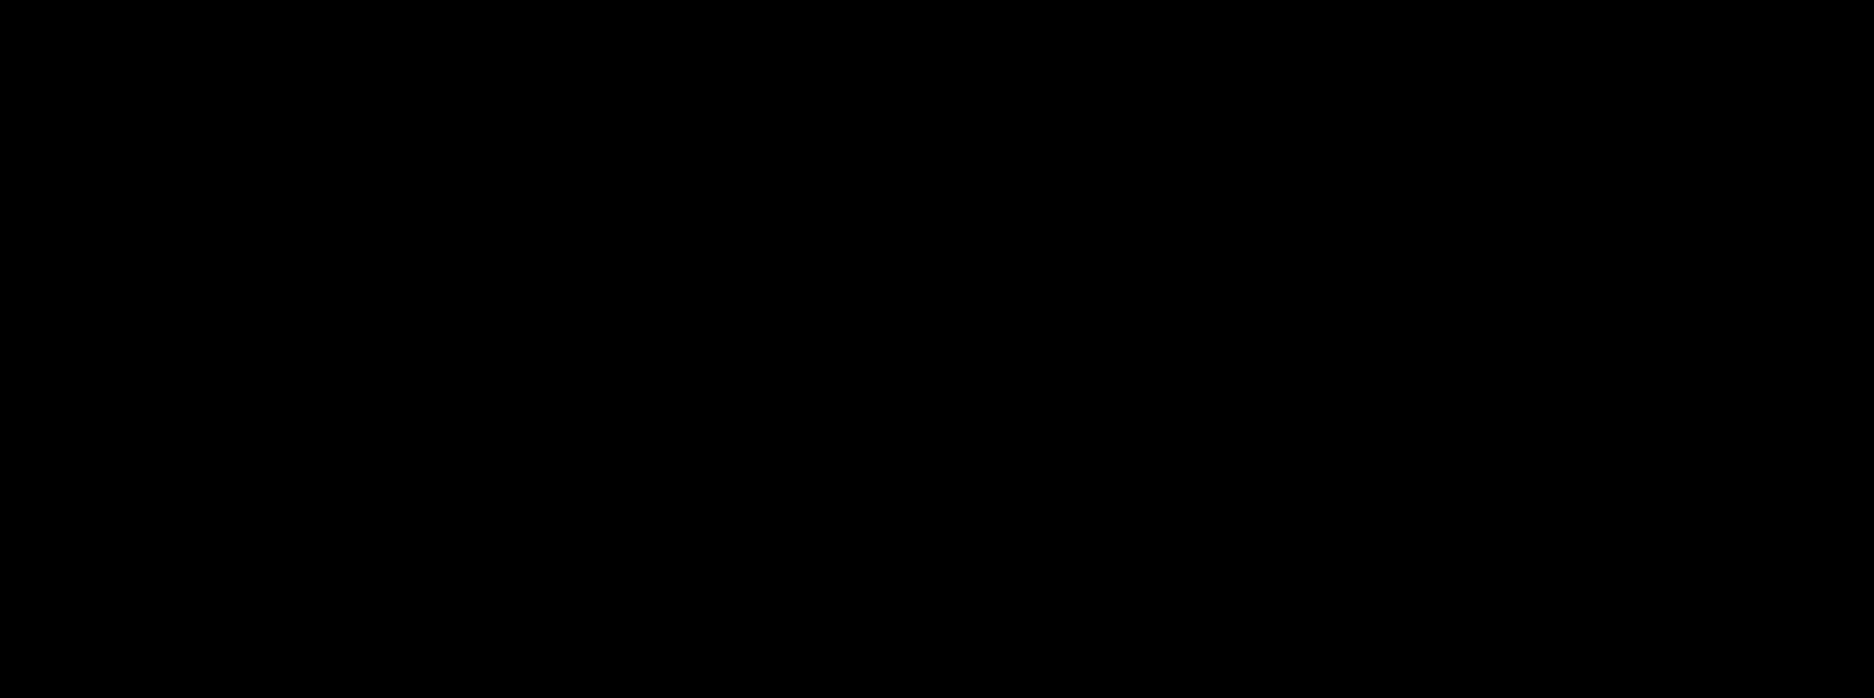 Whereby Business logo